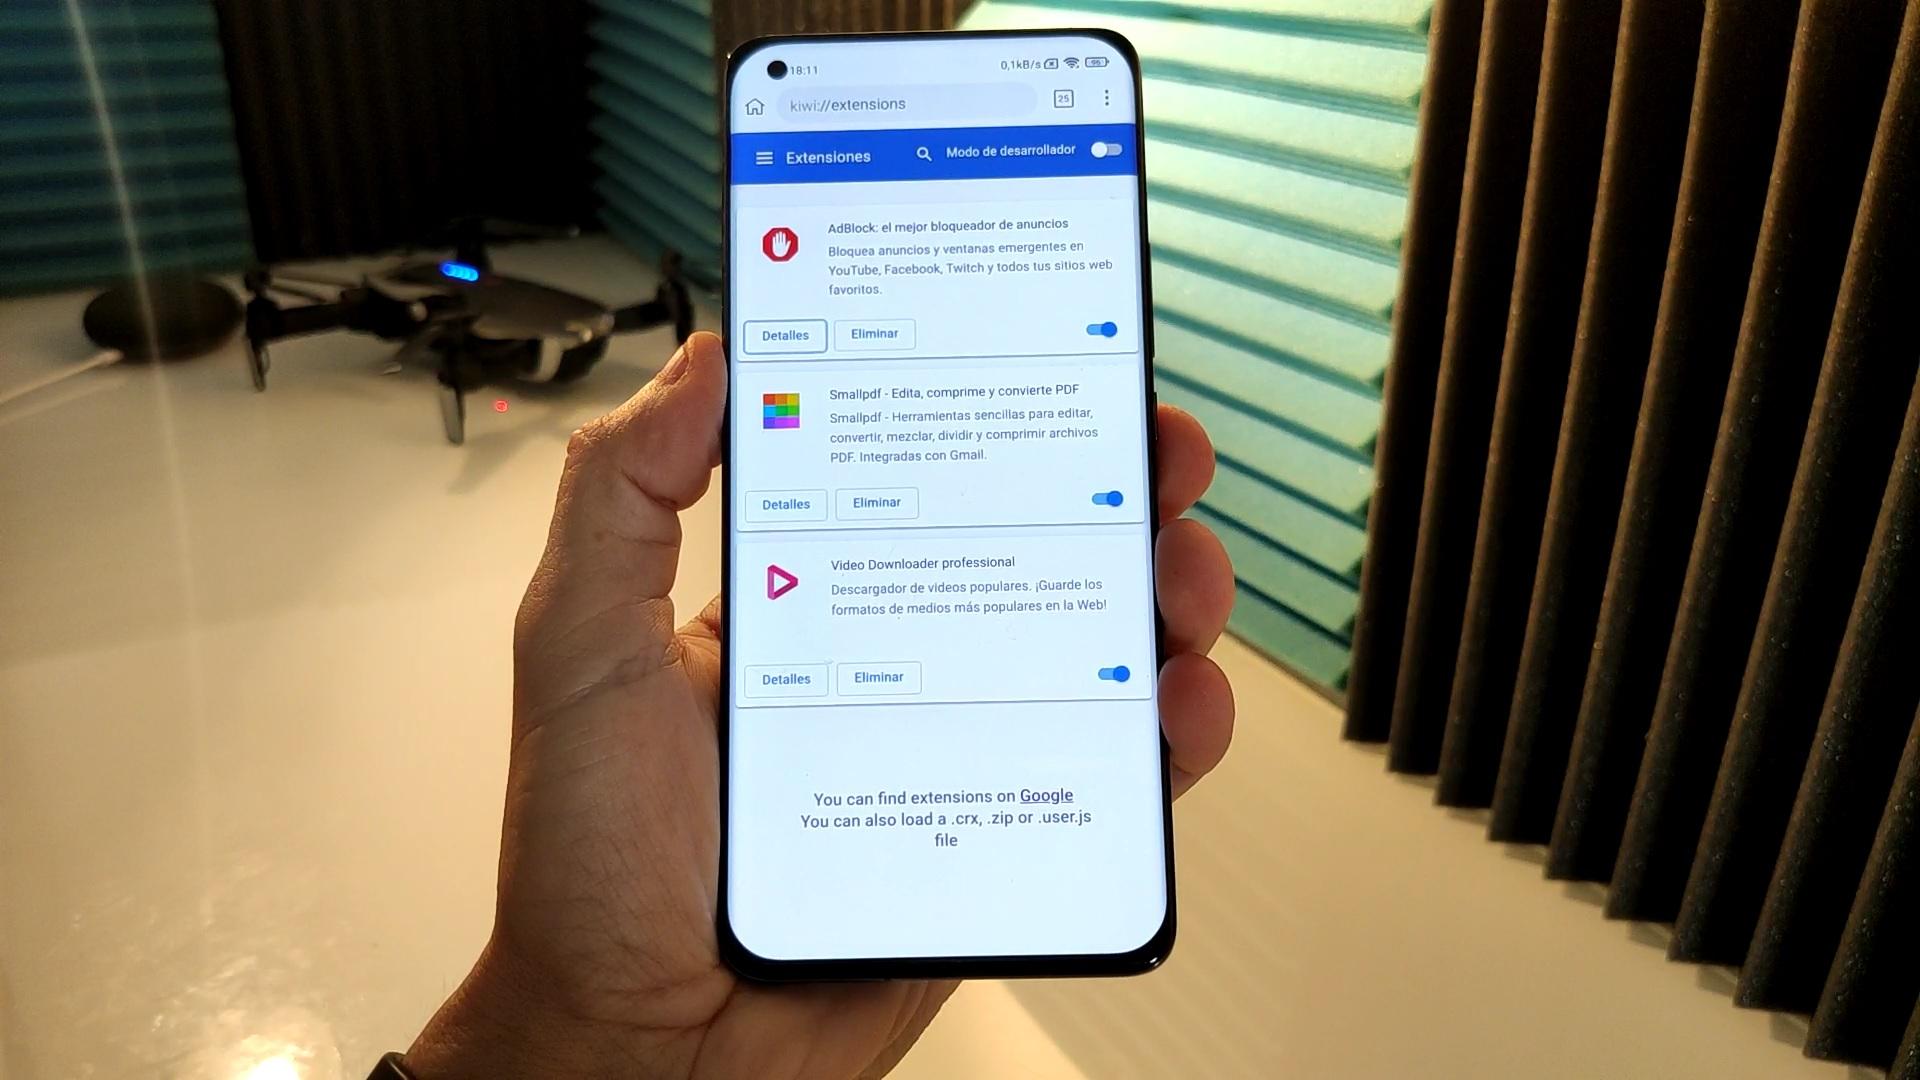 extensiones de google en android